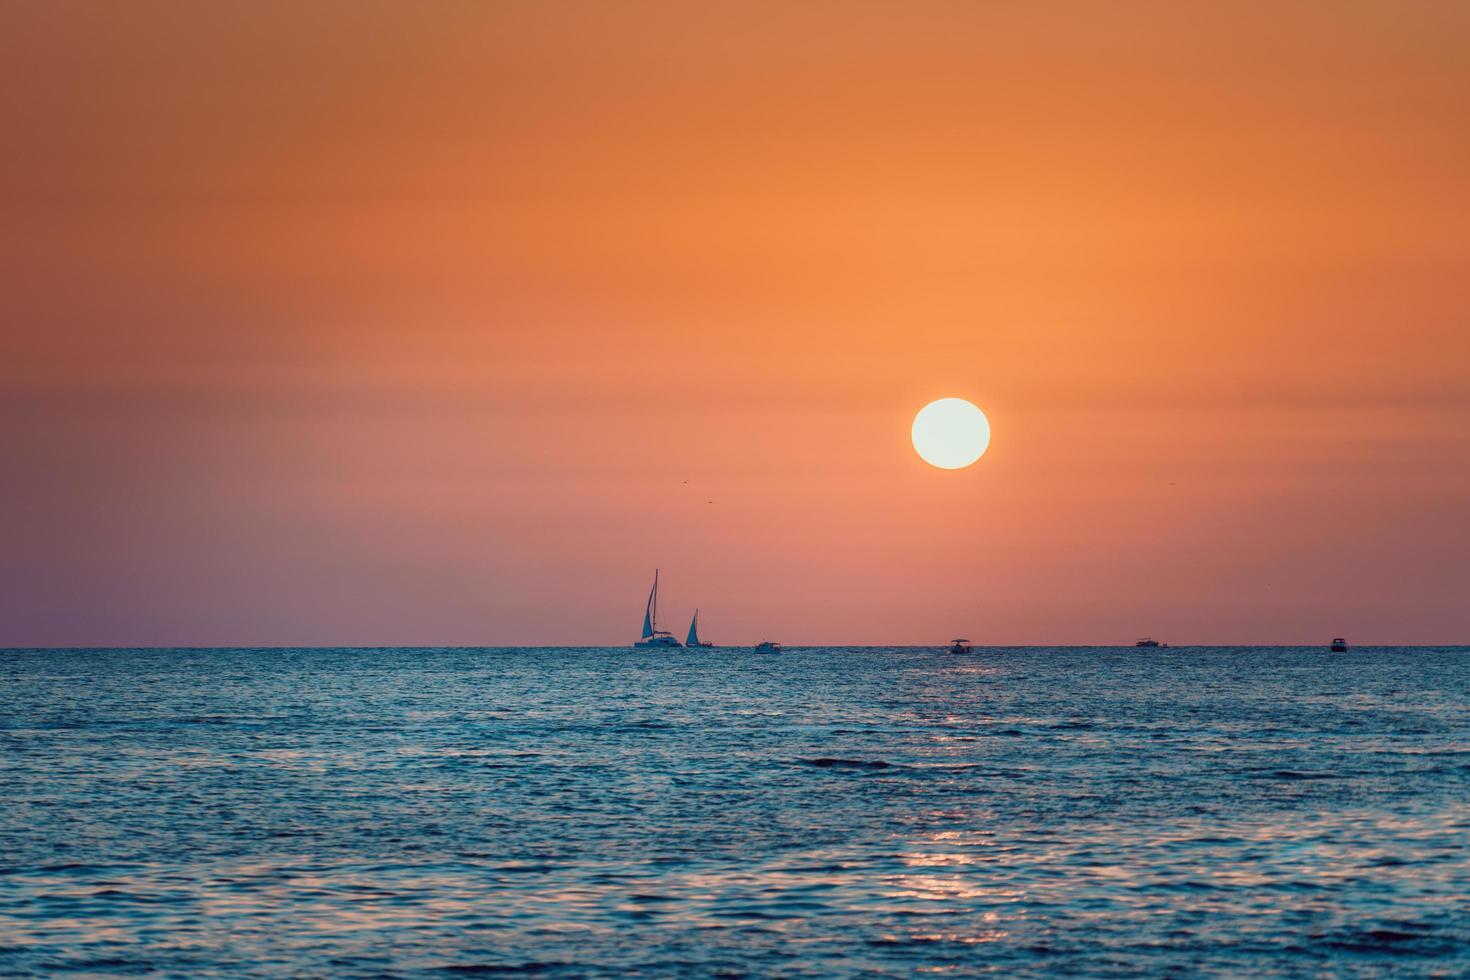 brillante puesta de sol en el mar de fondo mar foto